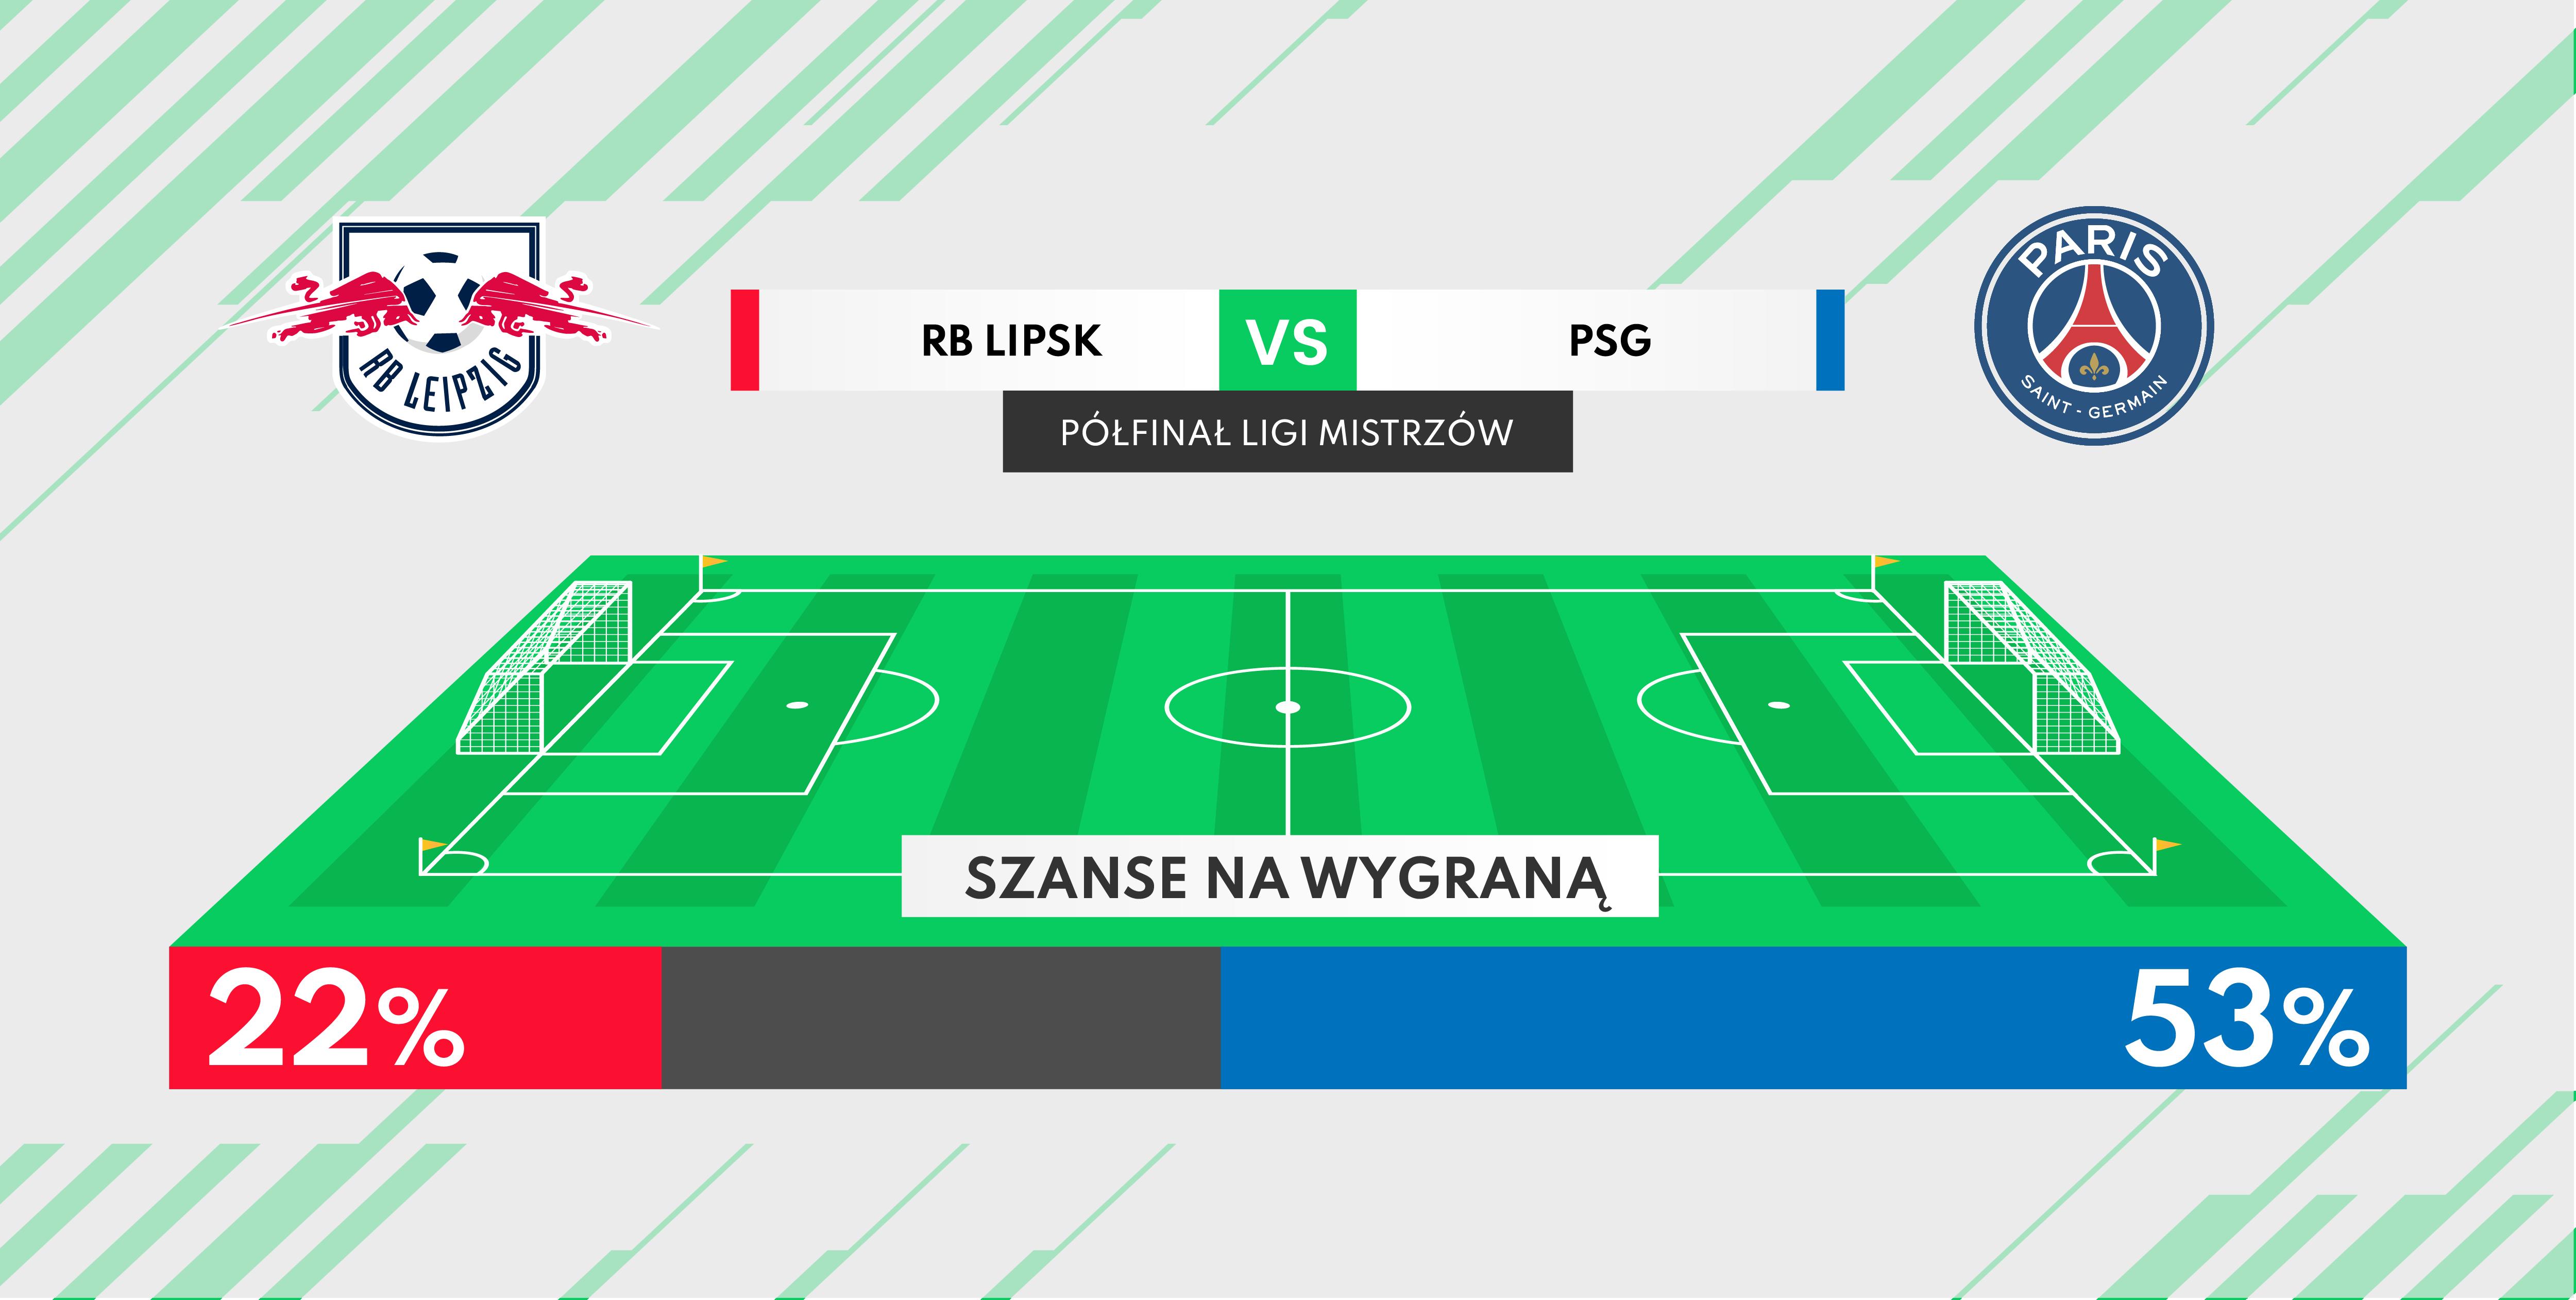 RB Lipsk - PSG